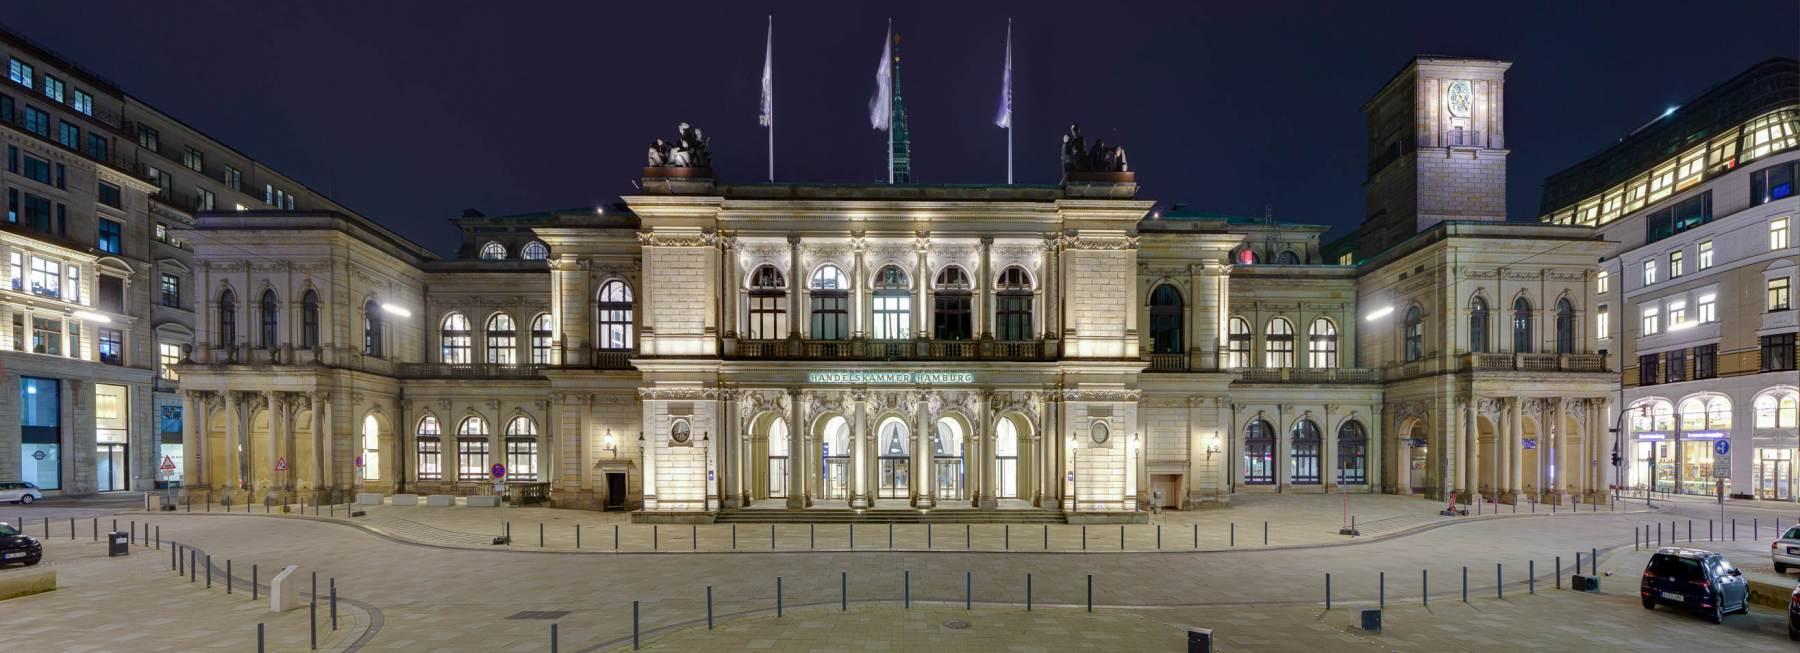 Hamburg Handelkammer